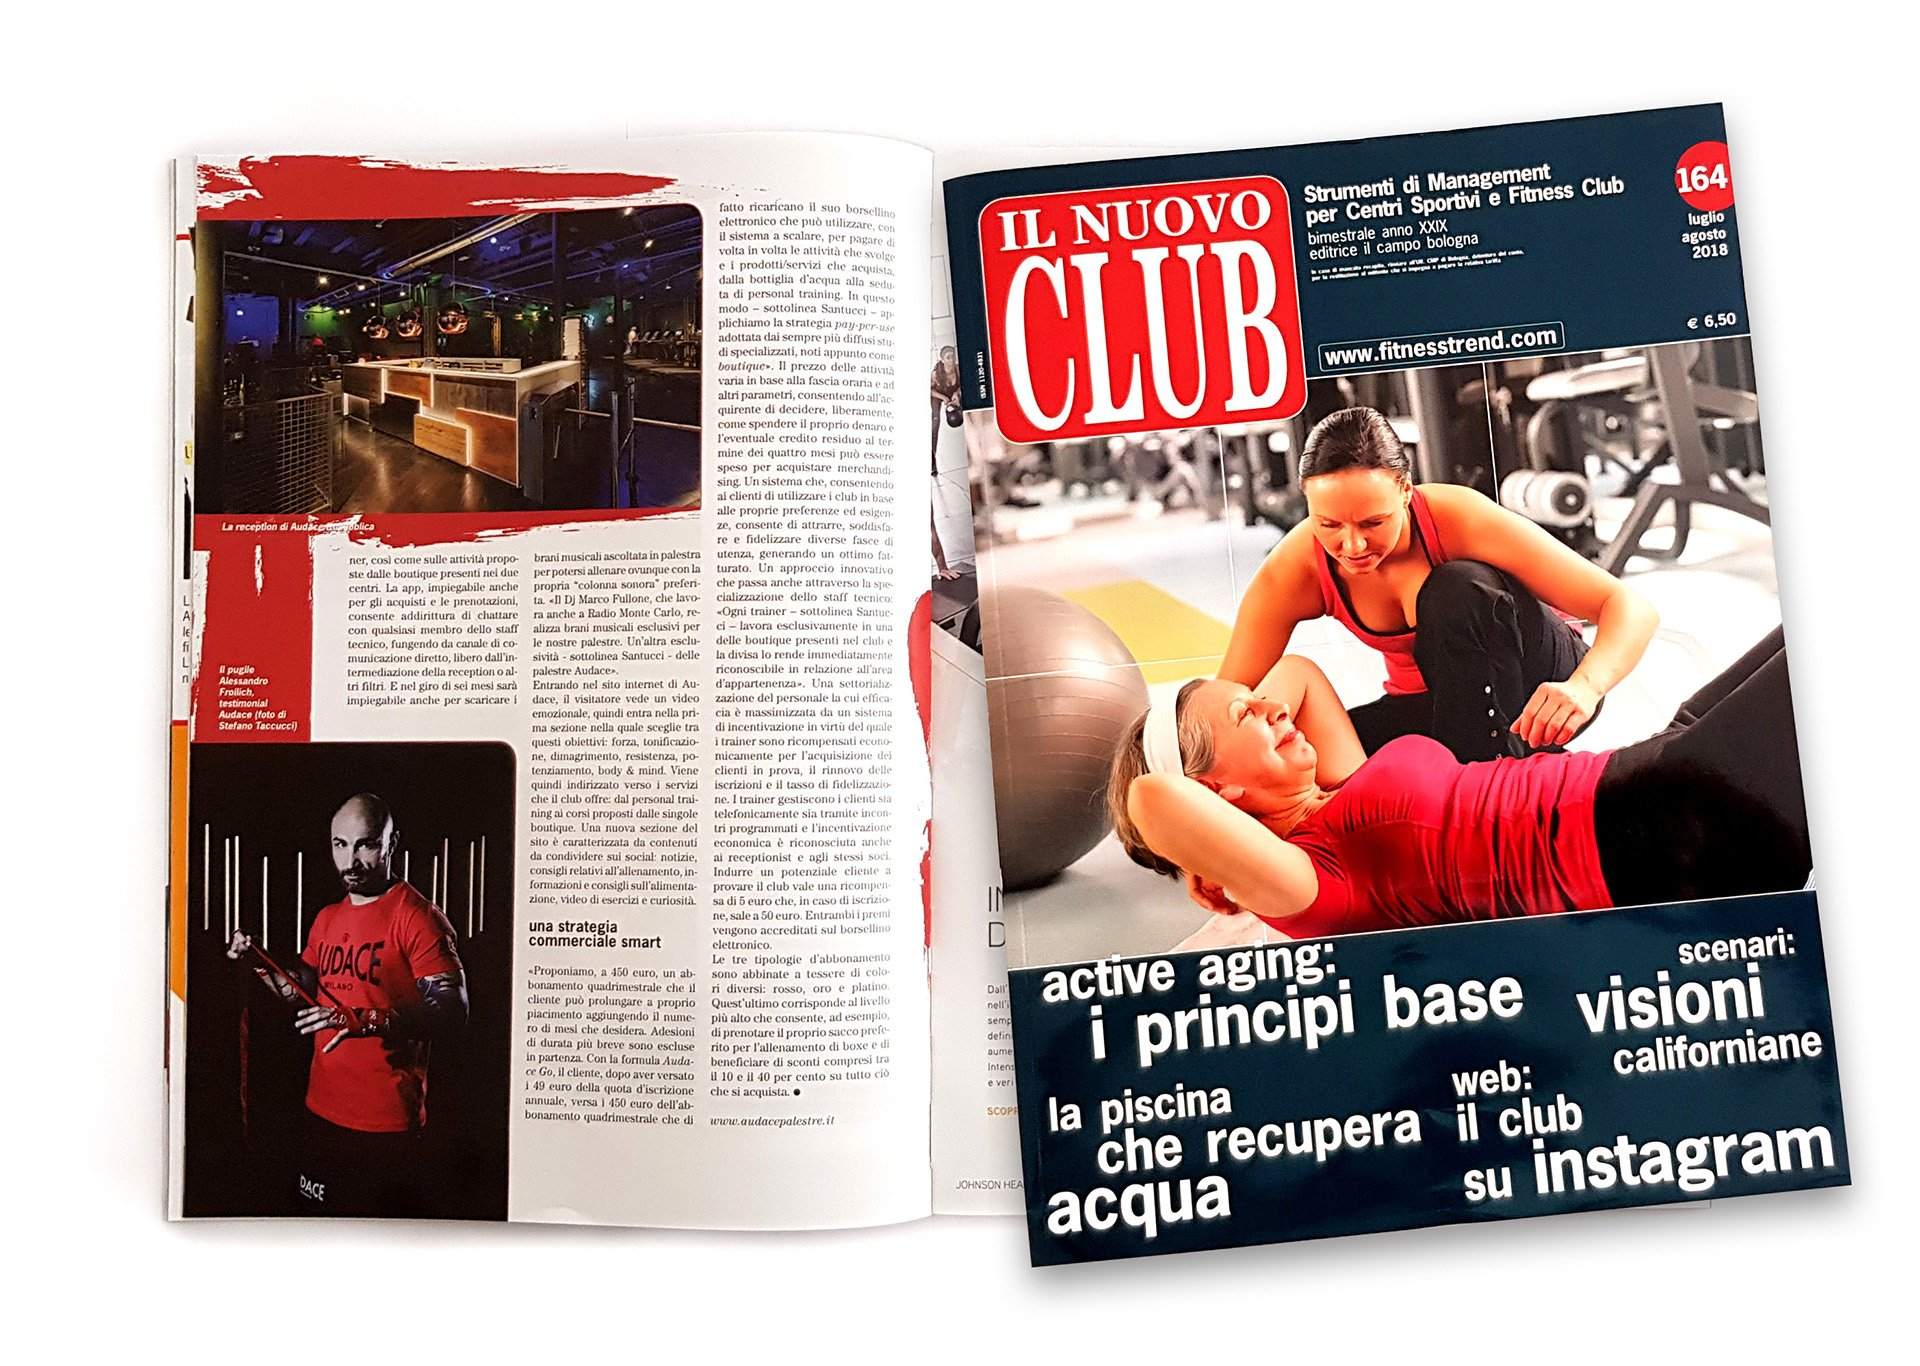 Il Nuovo Club Audace Palestre 3